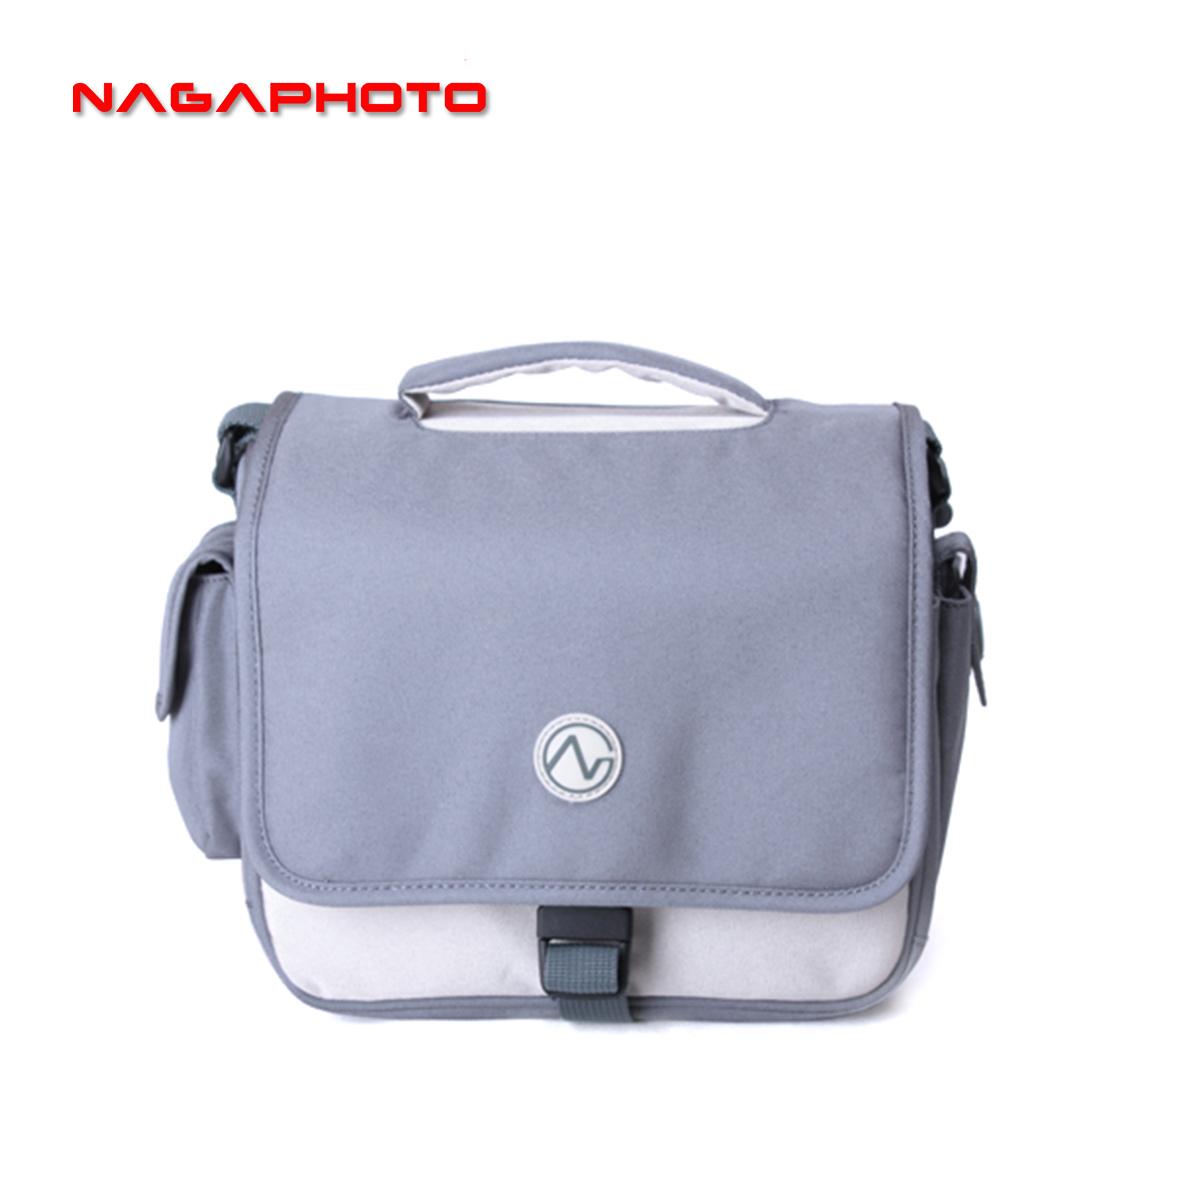 NAGAphoto 纳伽 CD20 单肩单反相机包 36元包邮(需用券)